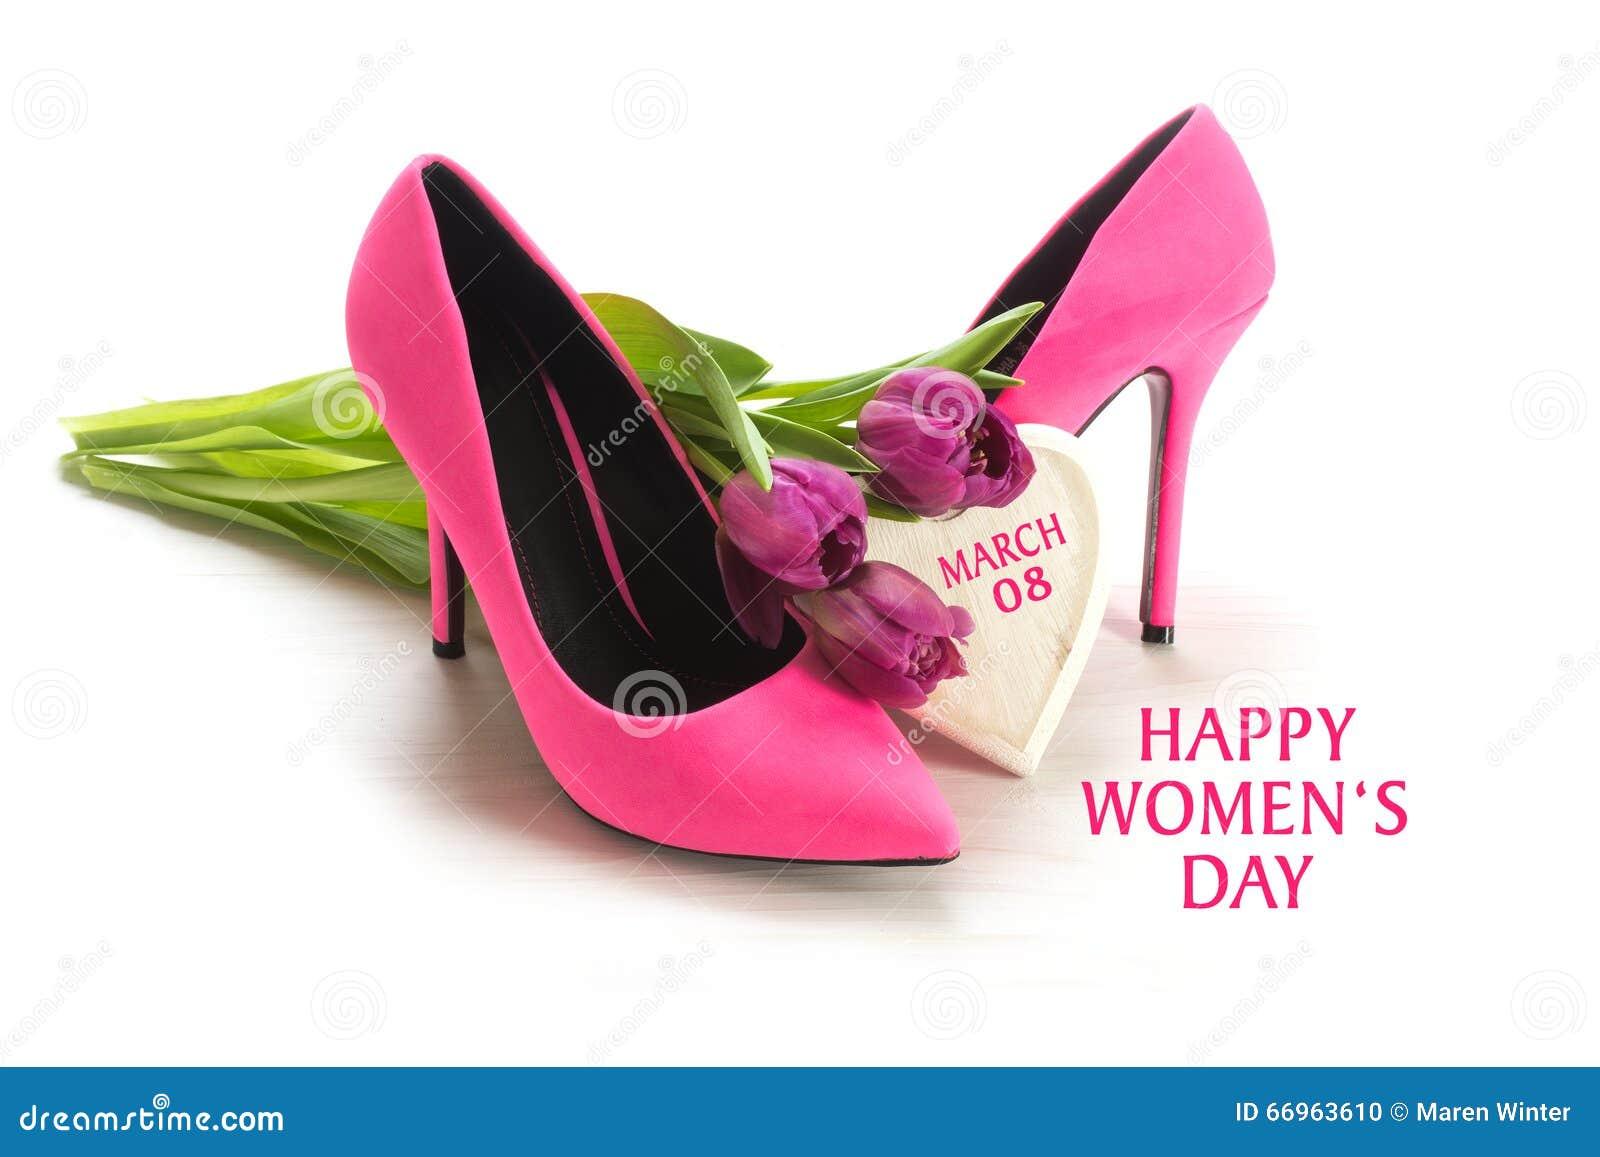 Der Tag der internationalen Frauen am 8. März, zacken Damen Schuhe des hohen Absatzes aus,